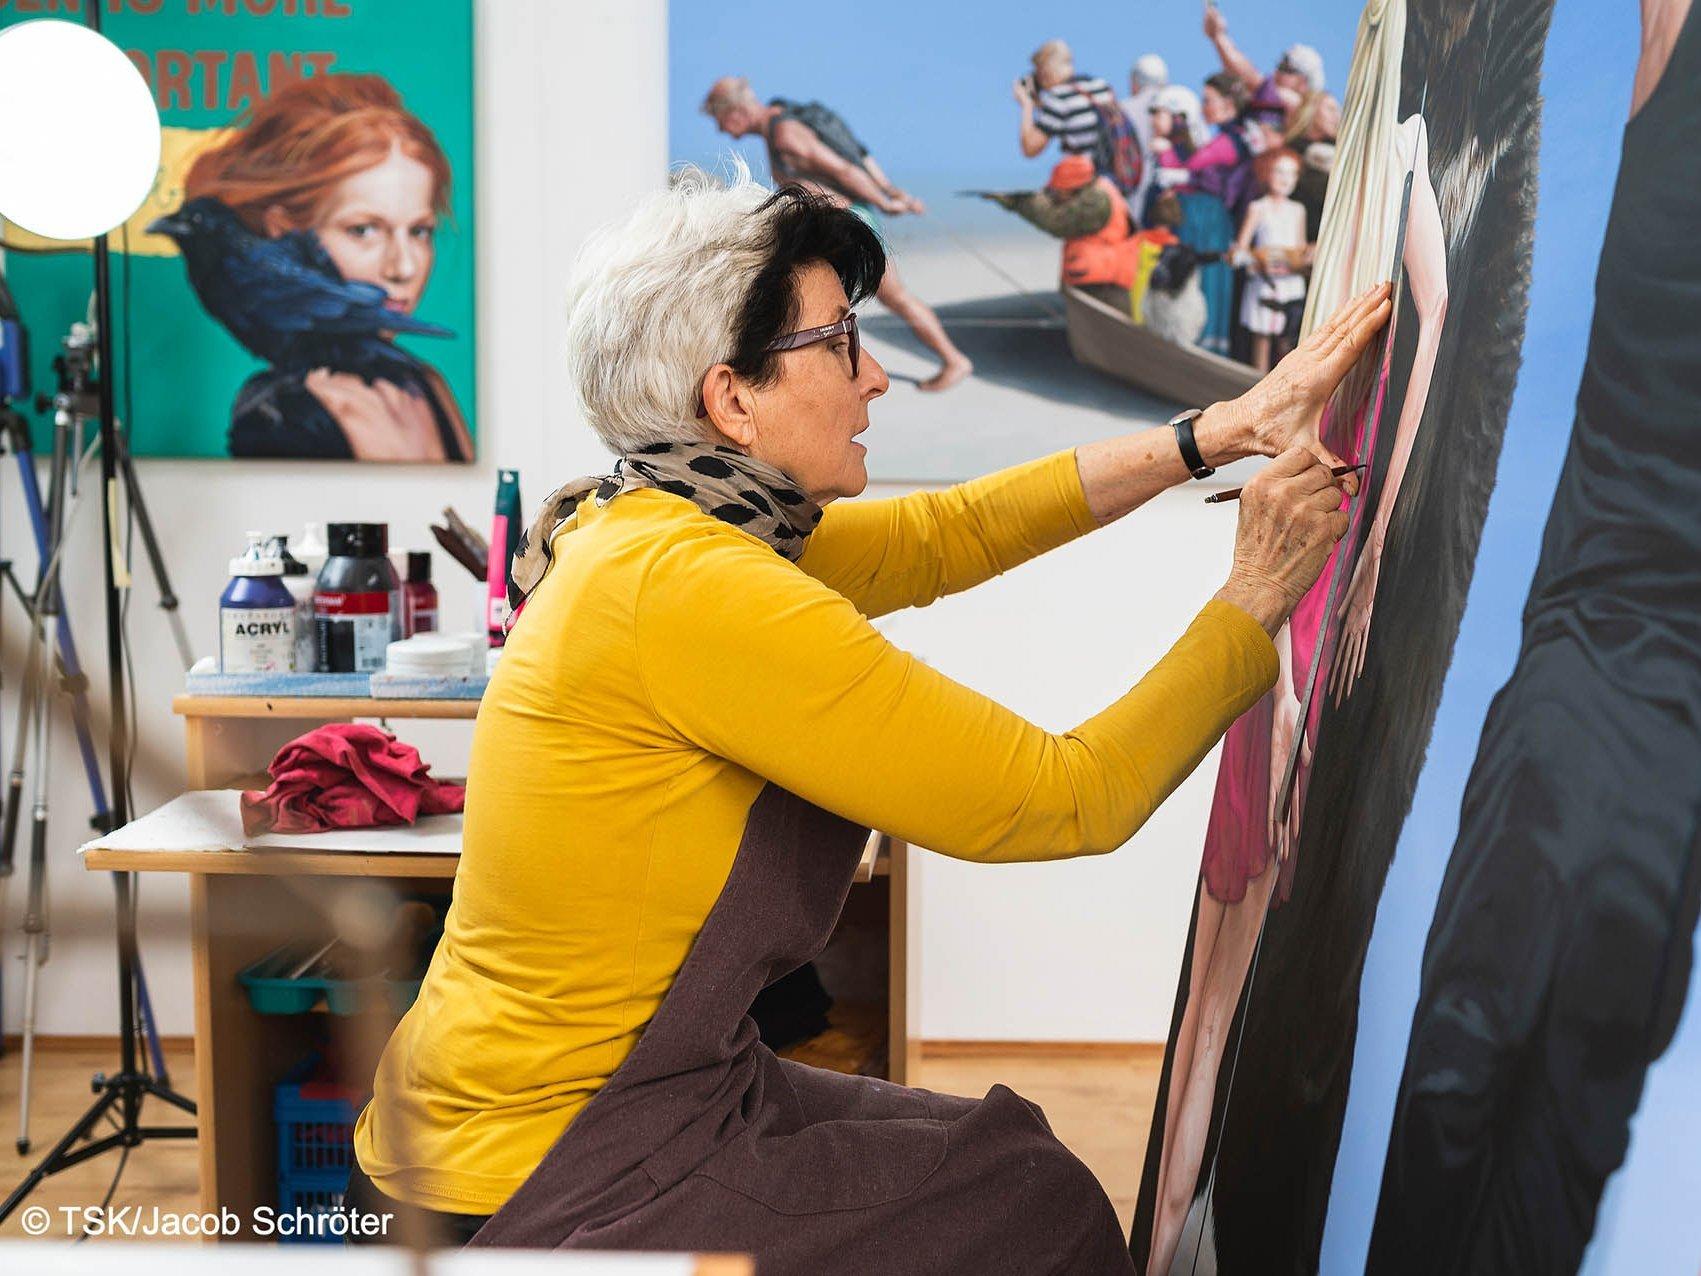 Die Künstlerin Konstanze Trommer beim Malen in ihrem Atelier